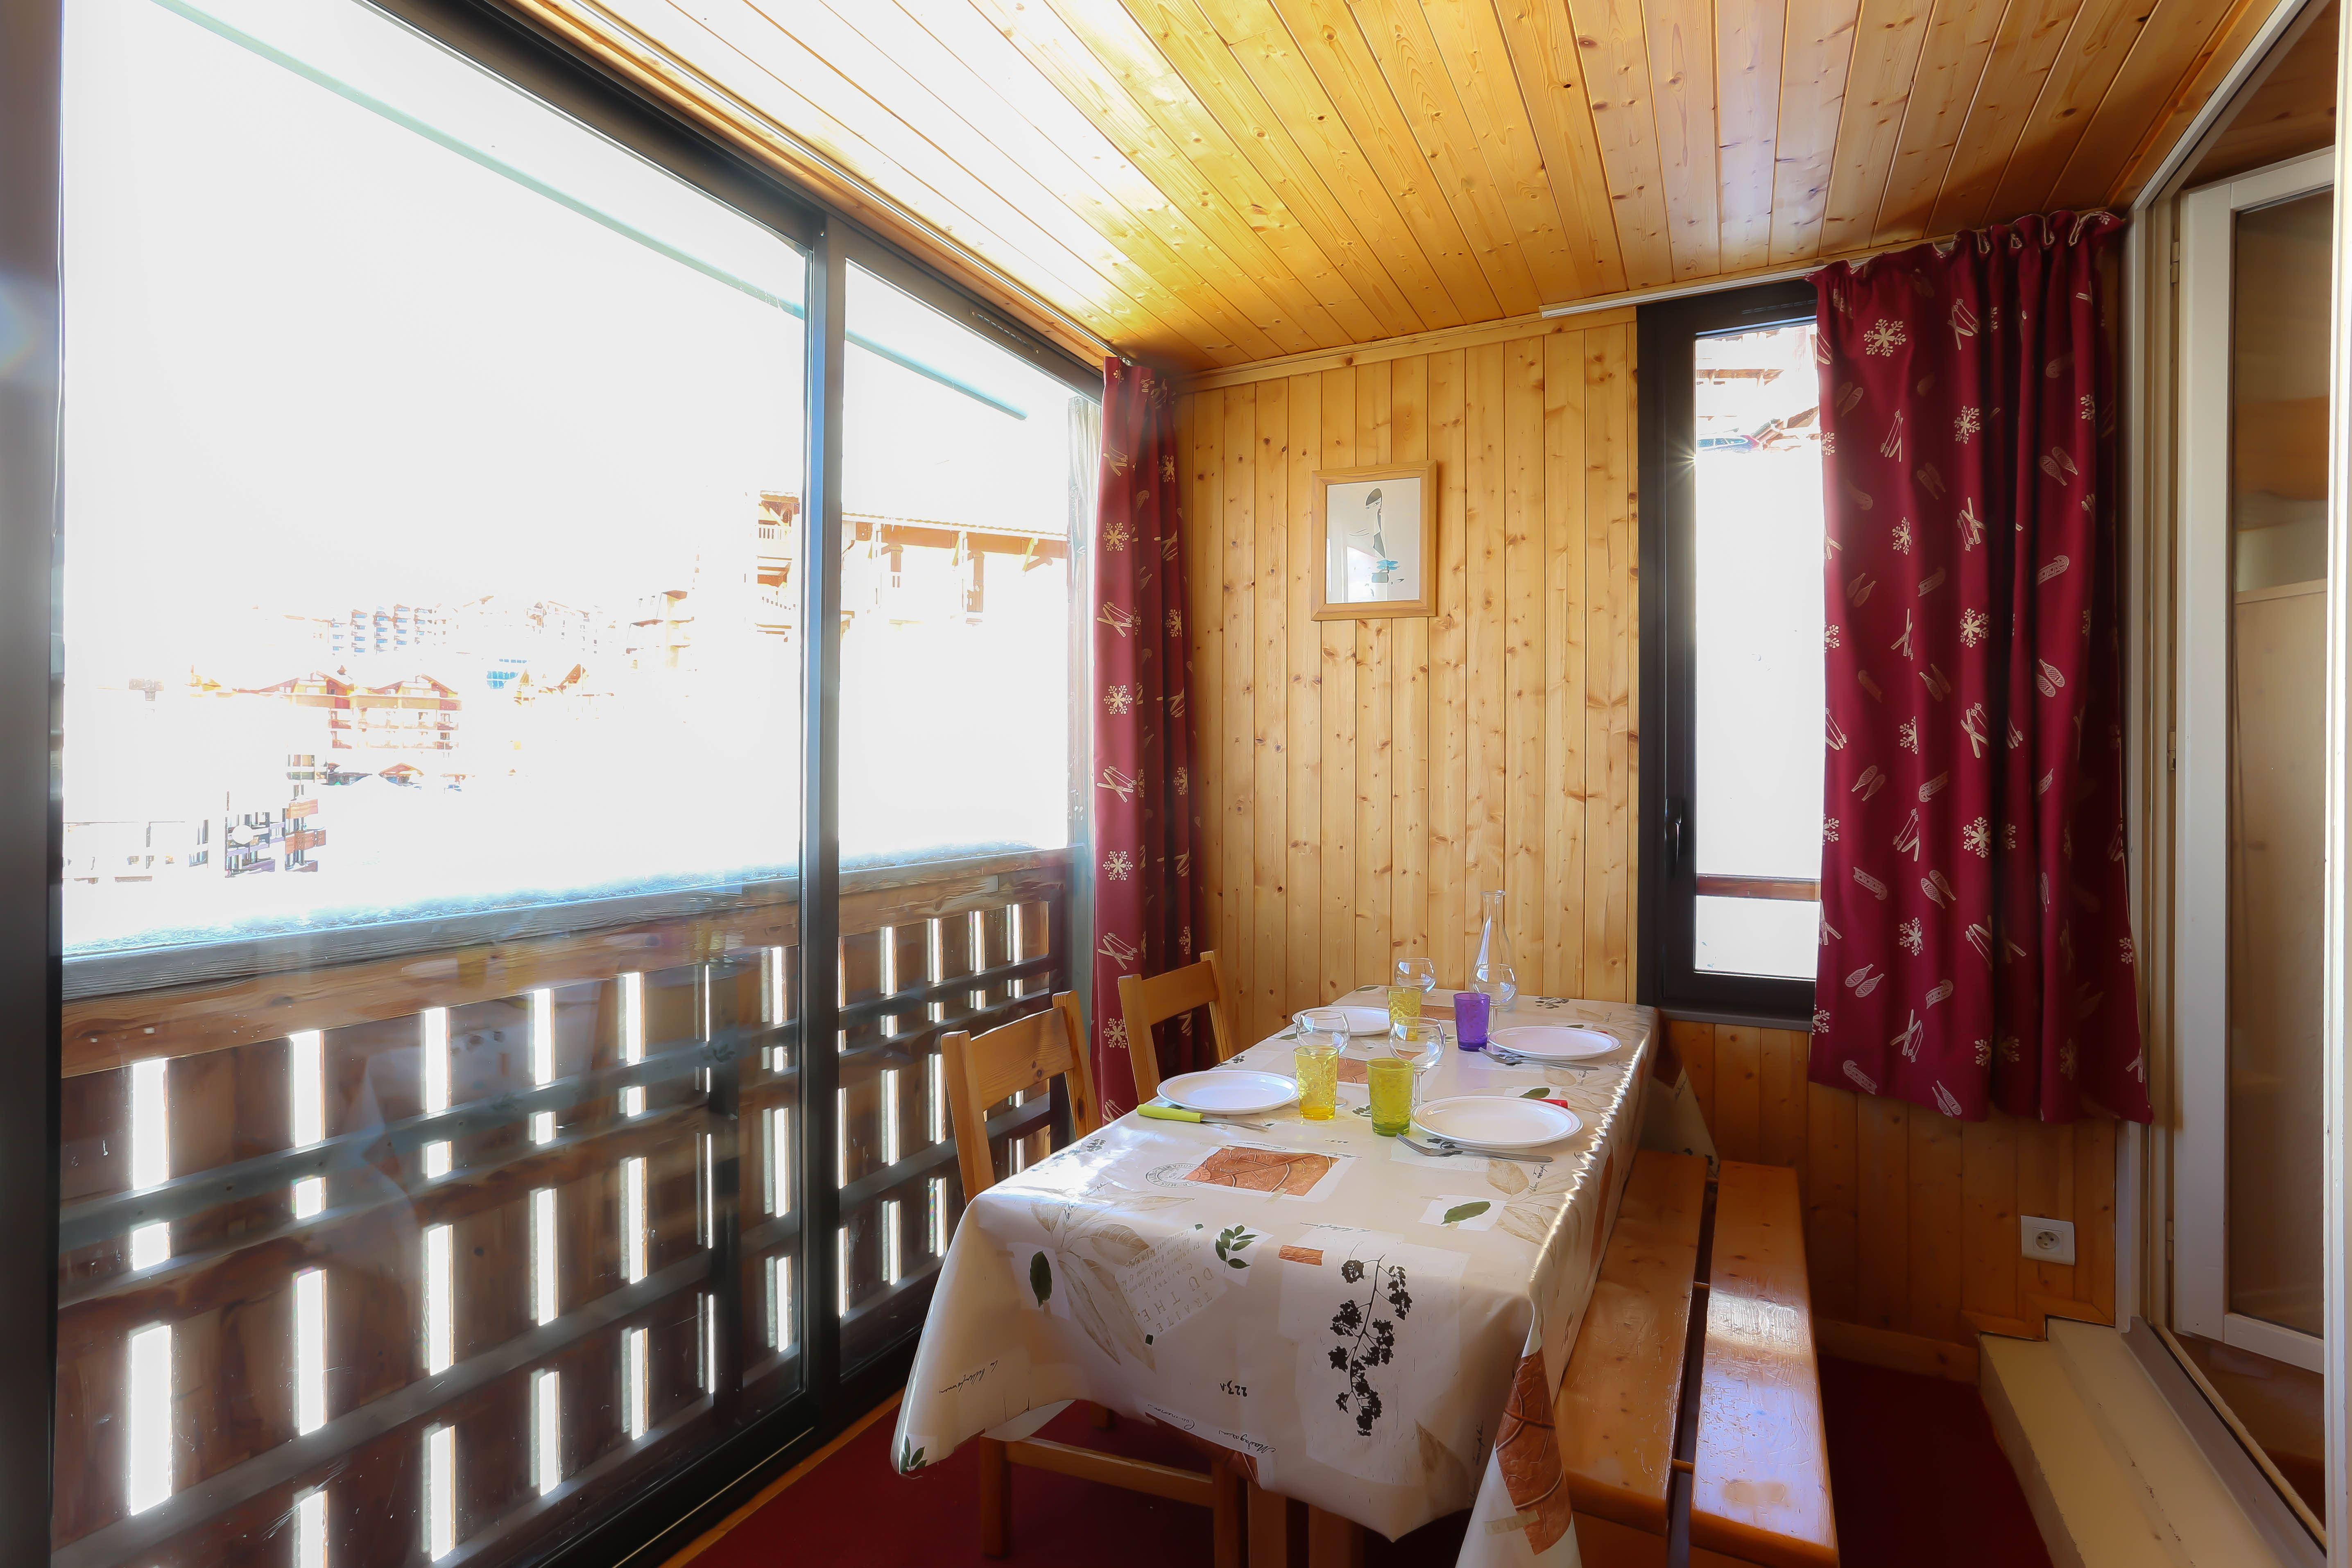 Sérac E7 > 1 Room + Veranda + Alcove - 4 Peoples - 2 Silver Snowflakes (MCI)